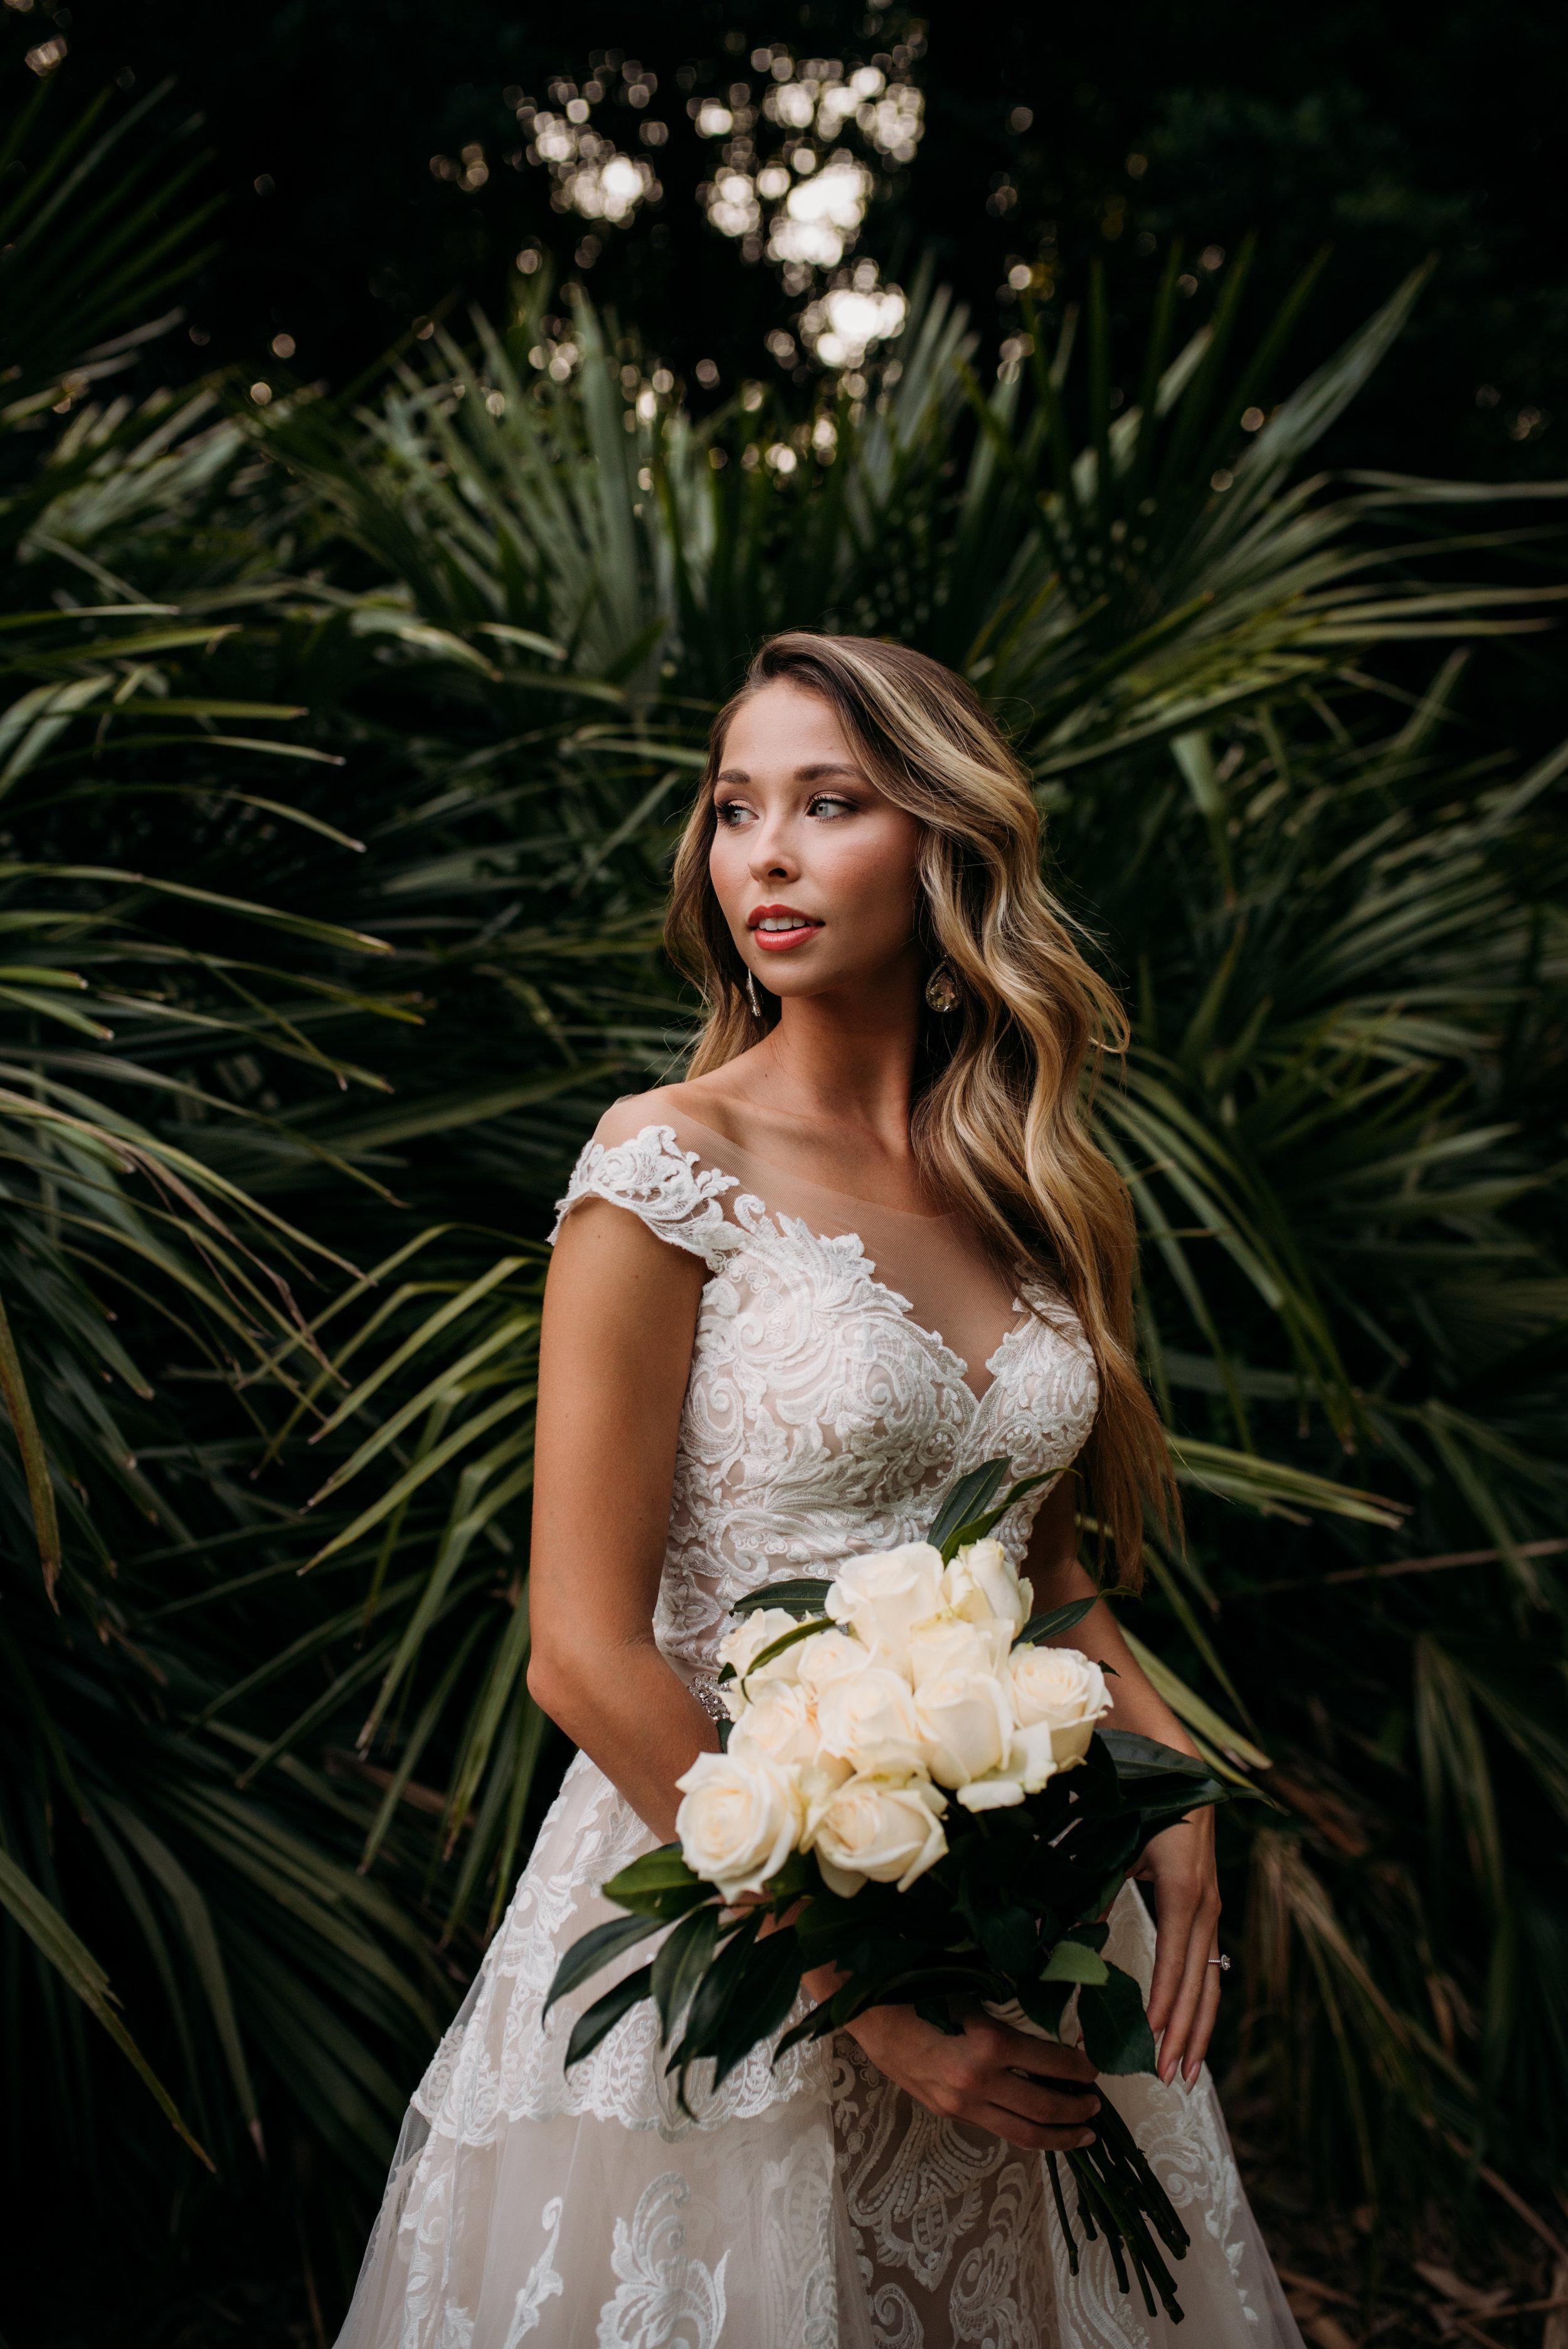 raleigh rose garden bridals - raleigh wedding photographer - north carolina wedding photographer